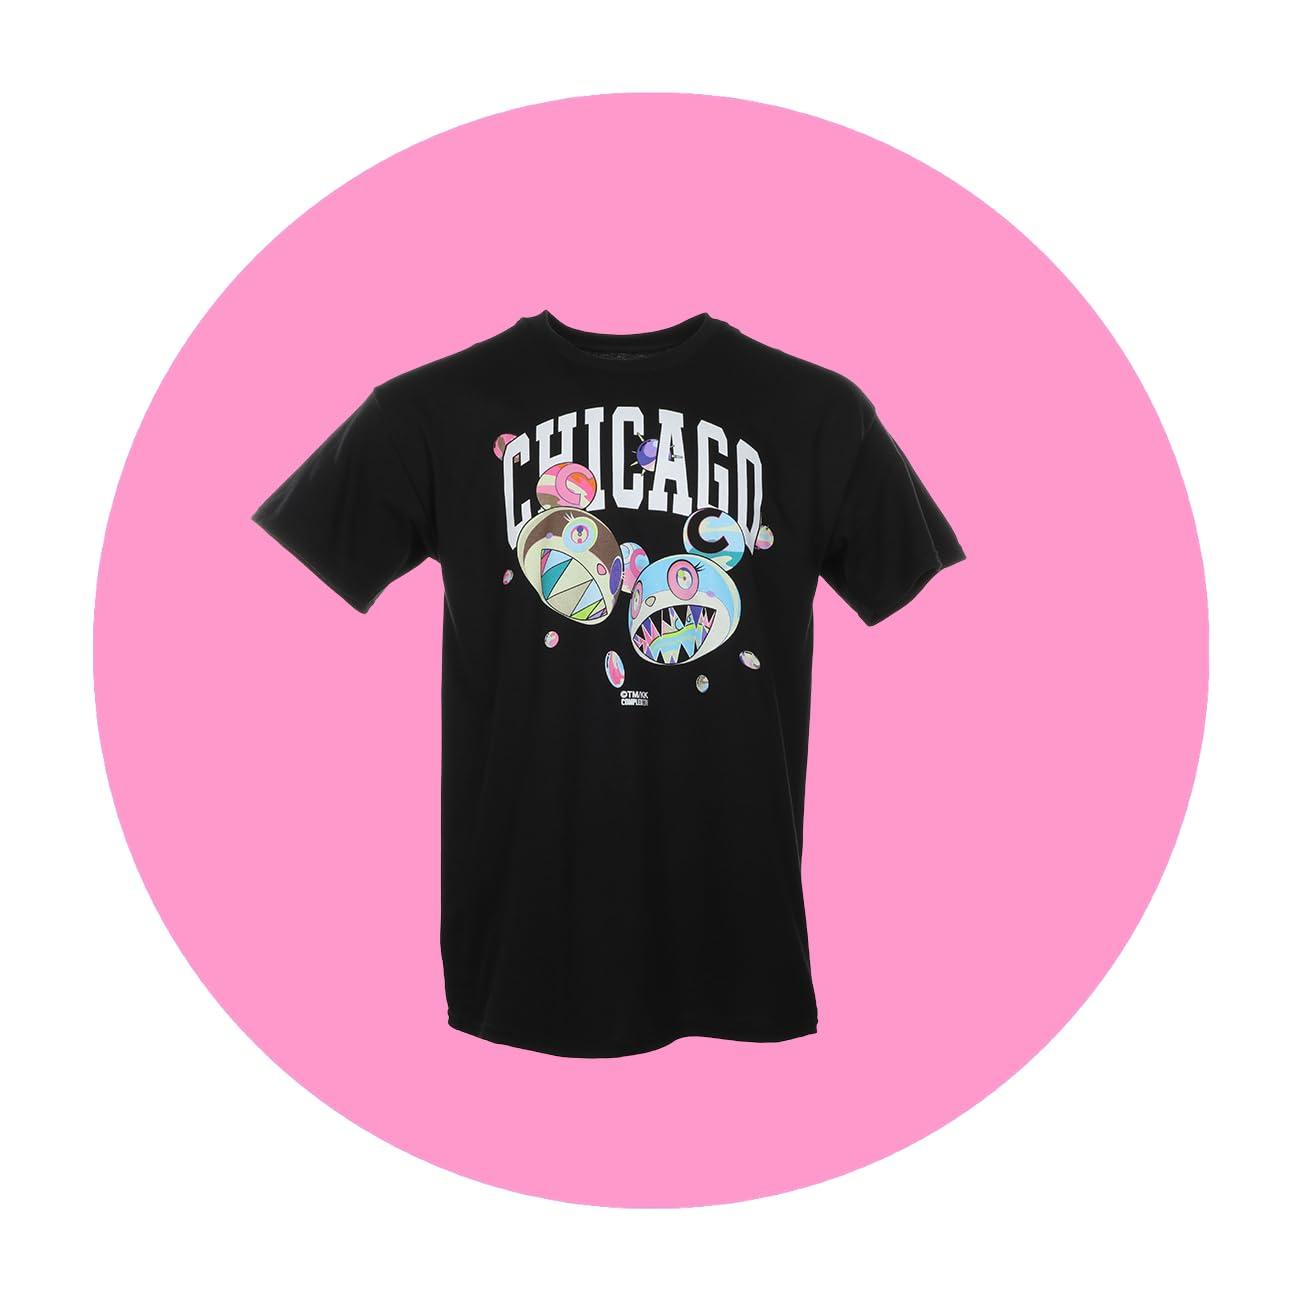 ComplexCon Takashi Murakami Chicago Discord Tee | FindZen